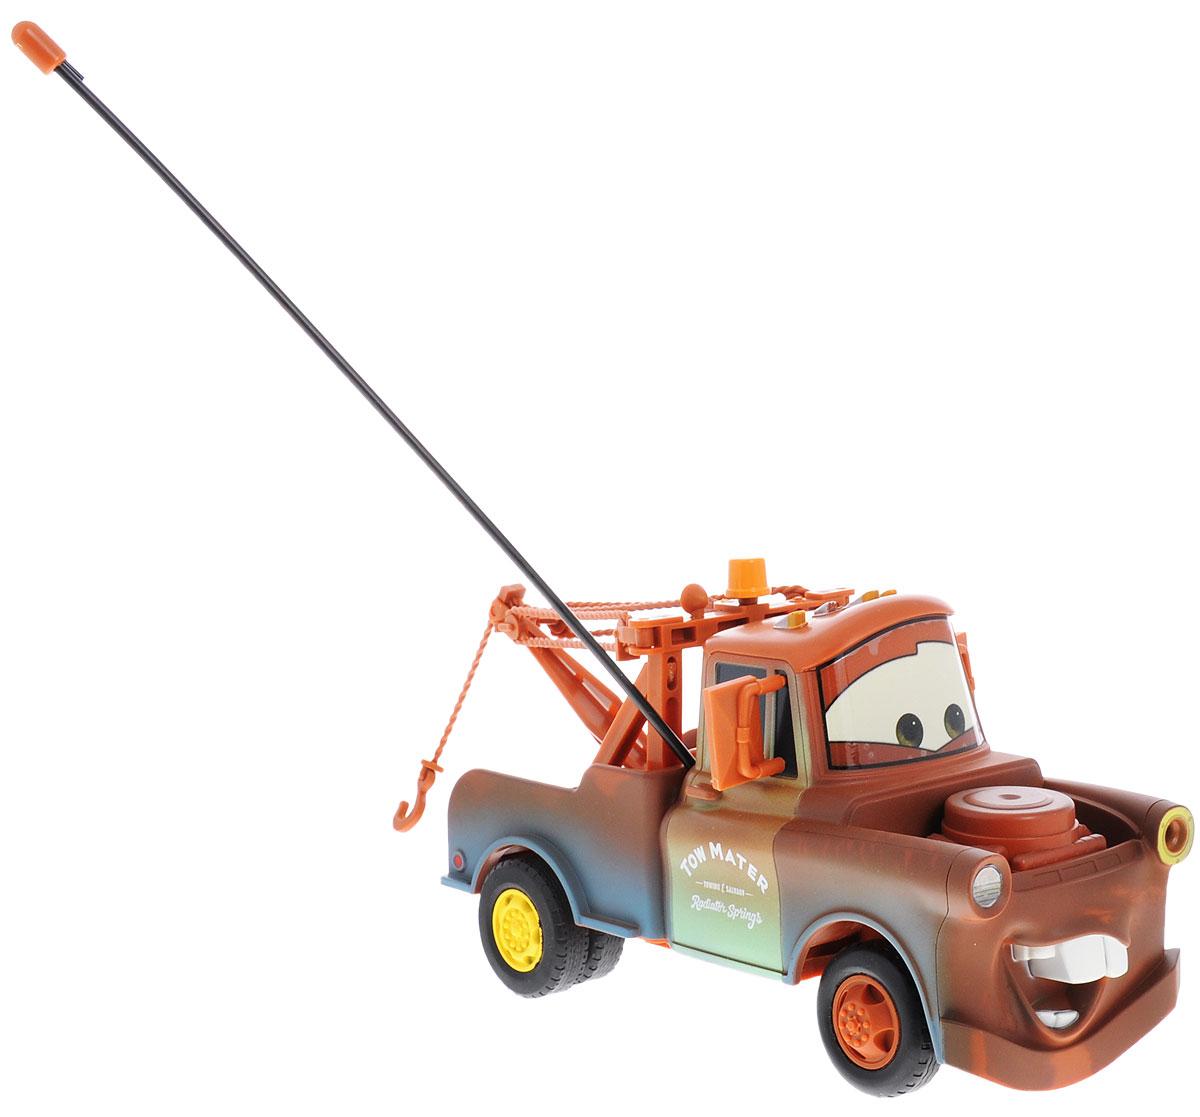 Dickie Toys Машина на радиоуправлении Мэтр3089502Машина на радиоуправлении Dickie Toys Мэтр несомненно понравится любому мальчишке. Игрушка выполнена в виде героя мультфильма Тачки грузовика Мэтра. Детализированный корпус модели изготовлен из пластика, колесики прорезинены, что обеспечивает надежное сцепление с любой гладкой поверхностью. Пульт управления позволяет автомобилю двигаться, вперед, назад, влево и вправо, а также обеспечивает точный контроль над скоростью движения автомобиля, позволяя использовать режим турбо. Машинка дополнена подвижным подъемным краном. Ваш ребенок часами будет играть с моделью, придумывая различные истории и устраивая соревнования. Порадуйте его таким замечательным подарком! Для работы автомобиля необходимо докупить 3 батарейки типа АА (в комплект не входят). Для работы пульта управления необходимо докупить 3 батарейки типа ААА (в комплект не входят).